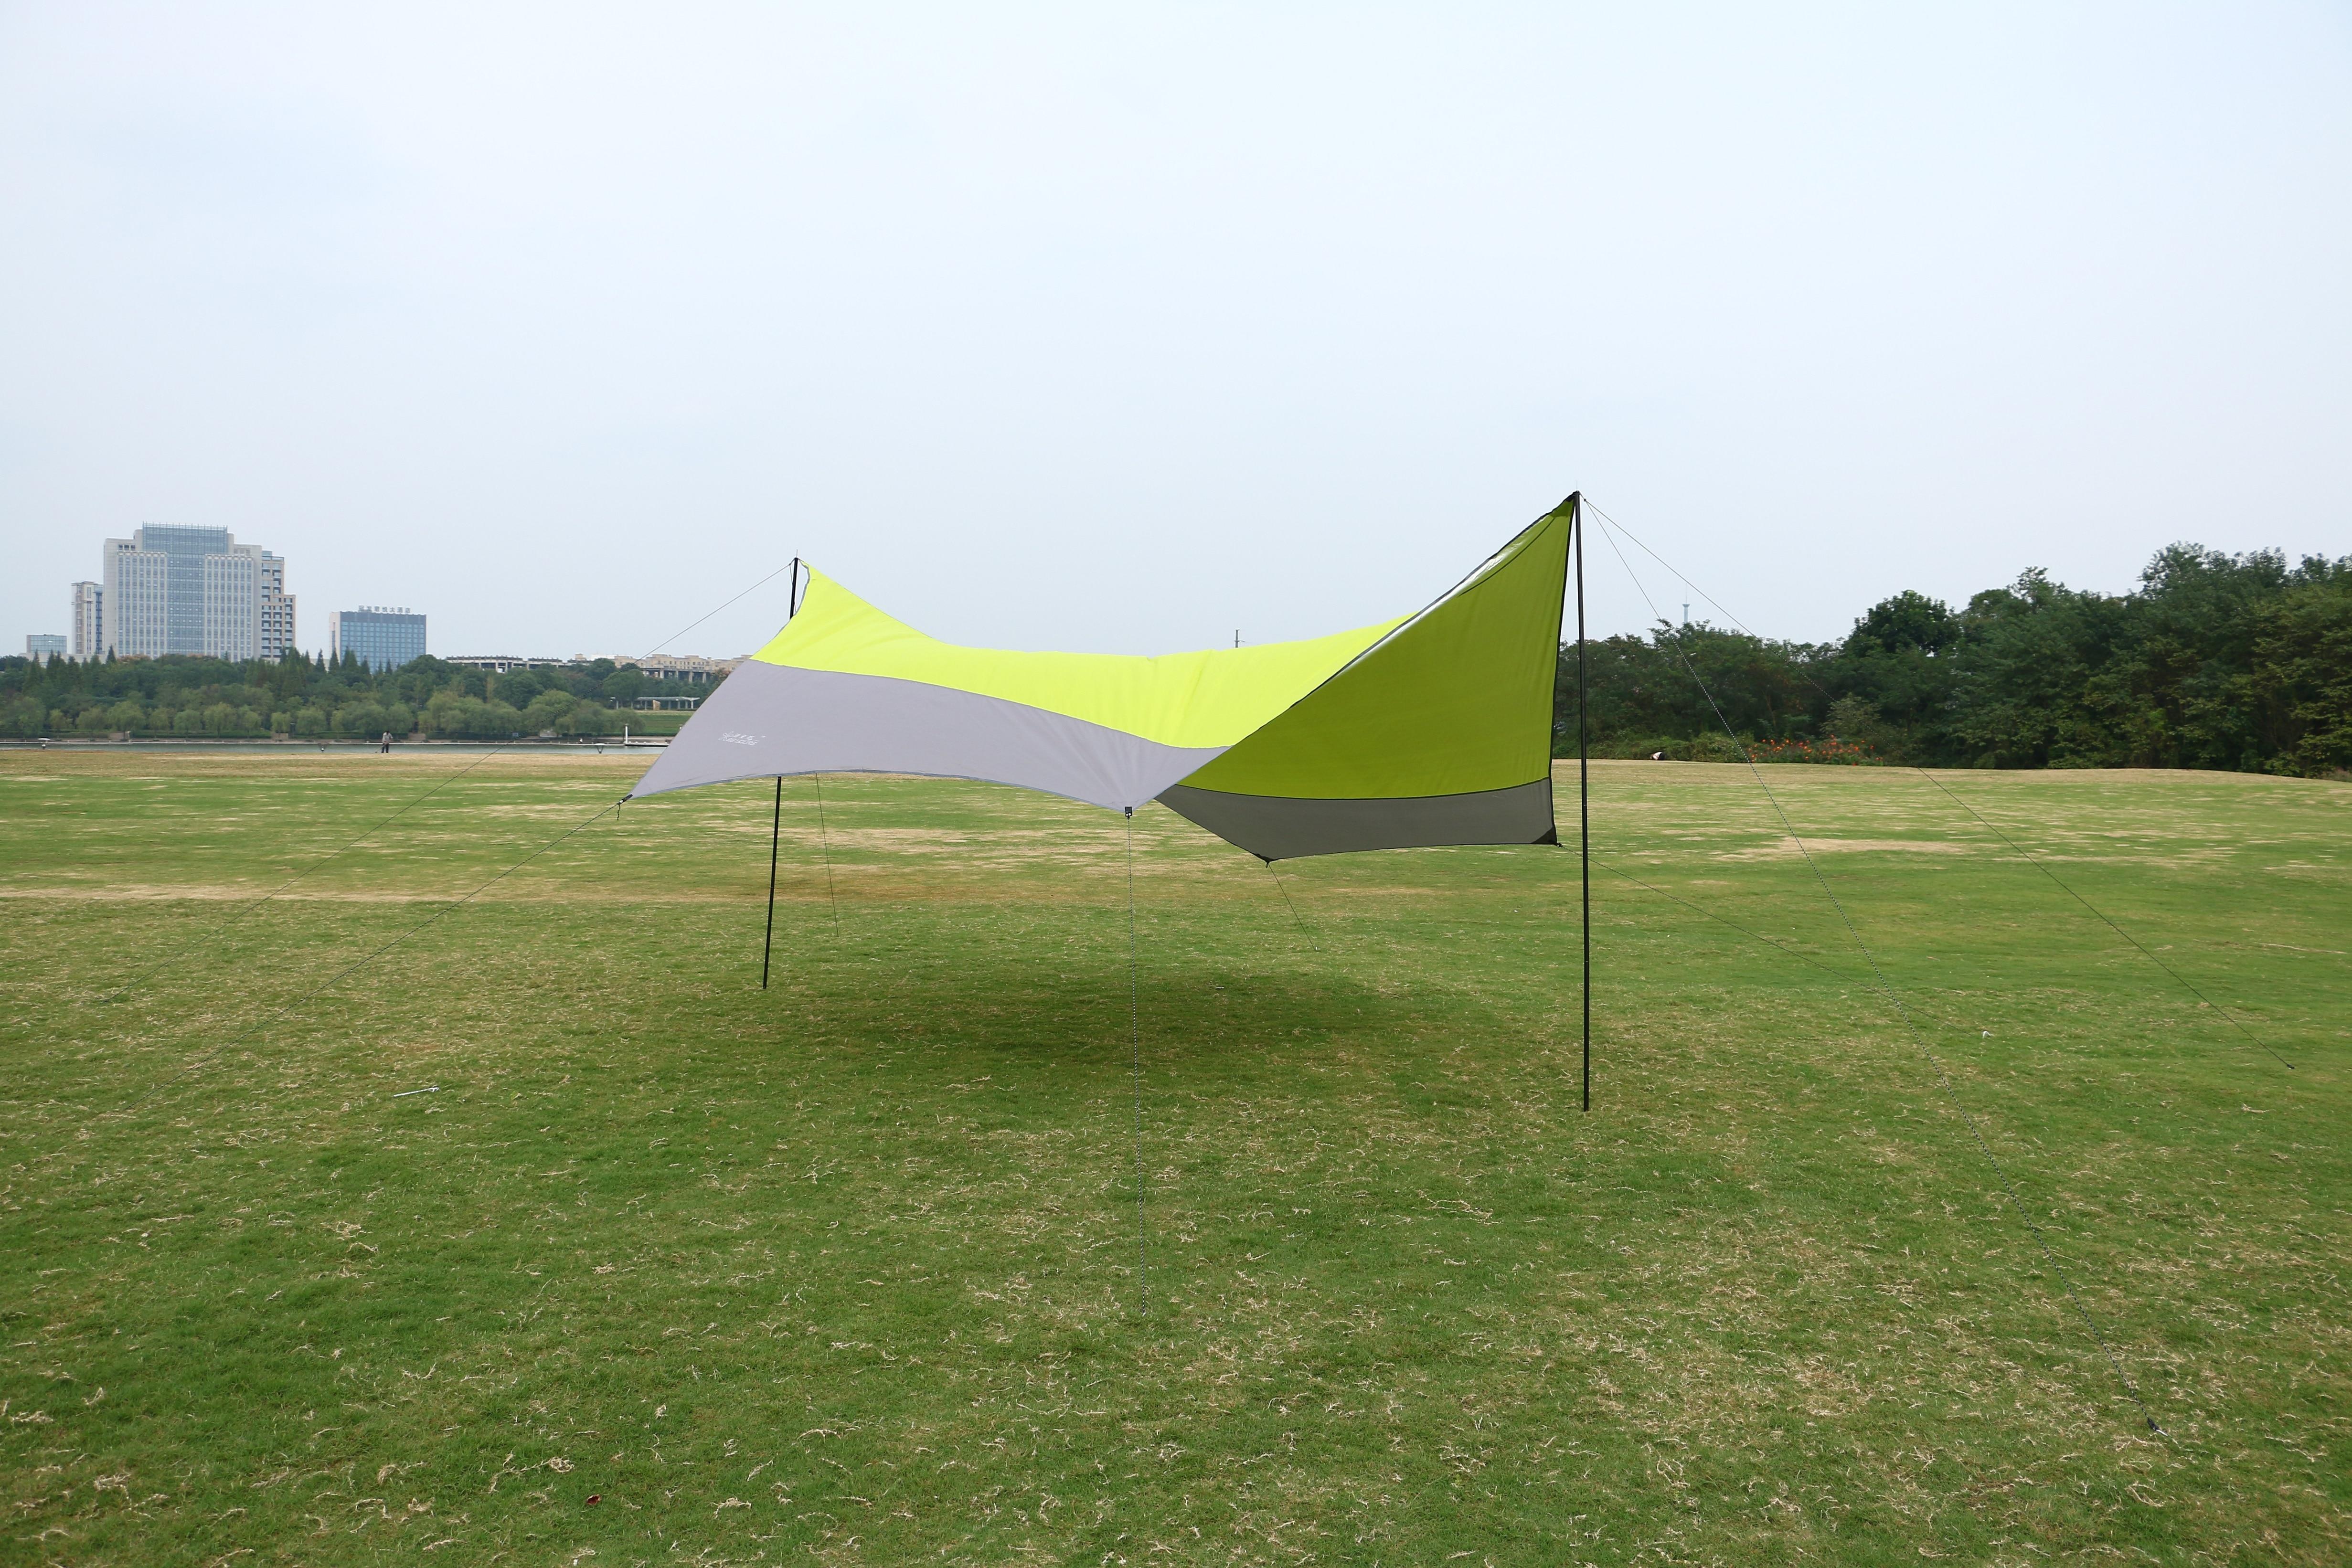 Outdoor zonwering doek voor 5 mensen chatten en thee 5 meter open maat gebruikt in camping en picknick, gratis verzending - 3